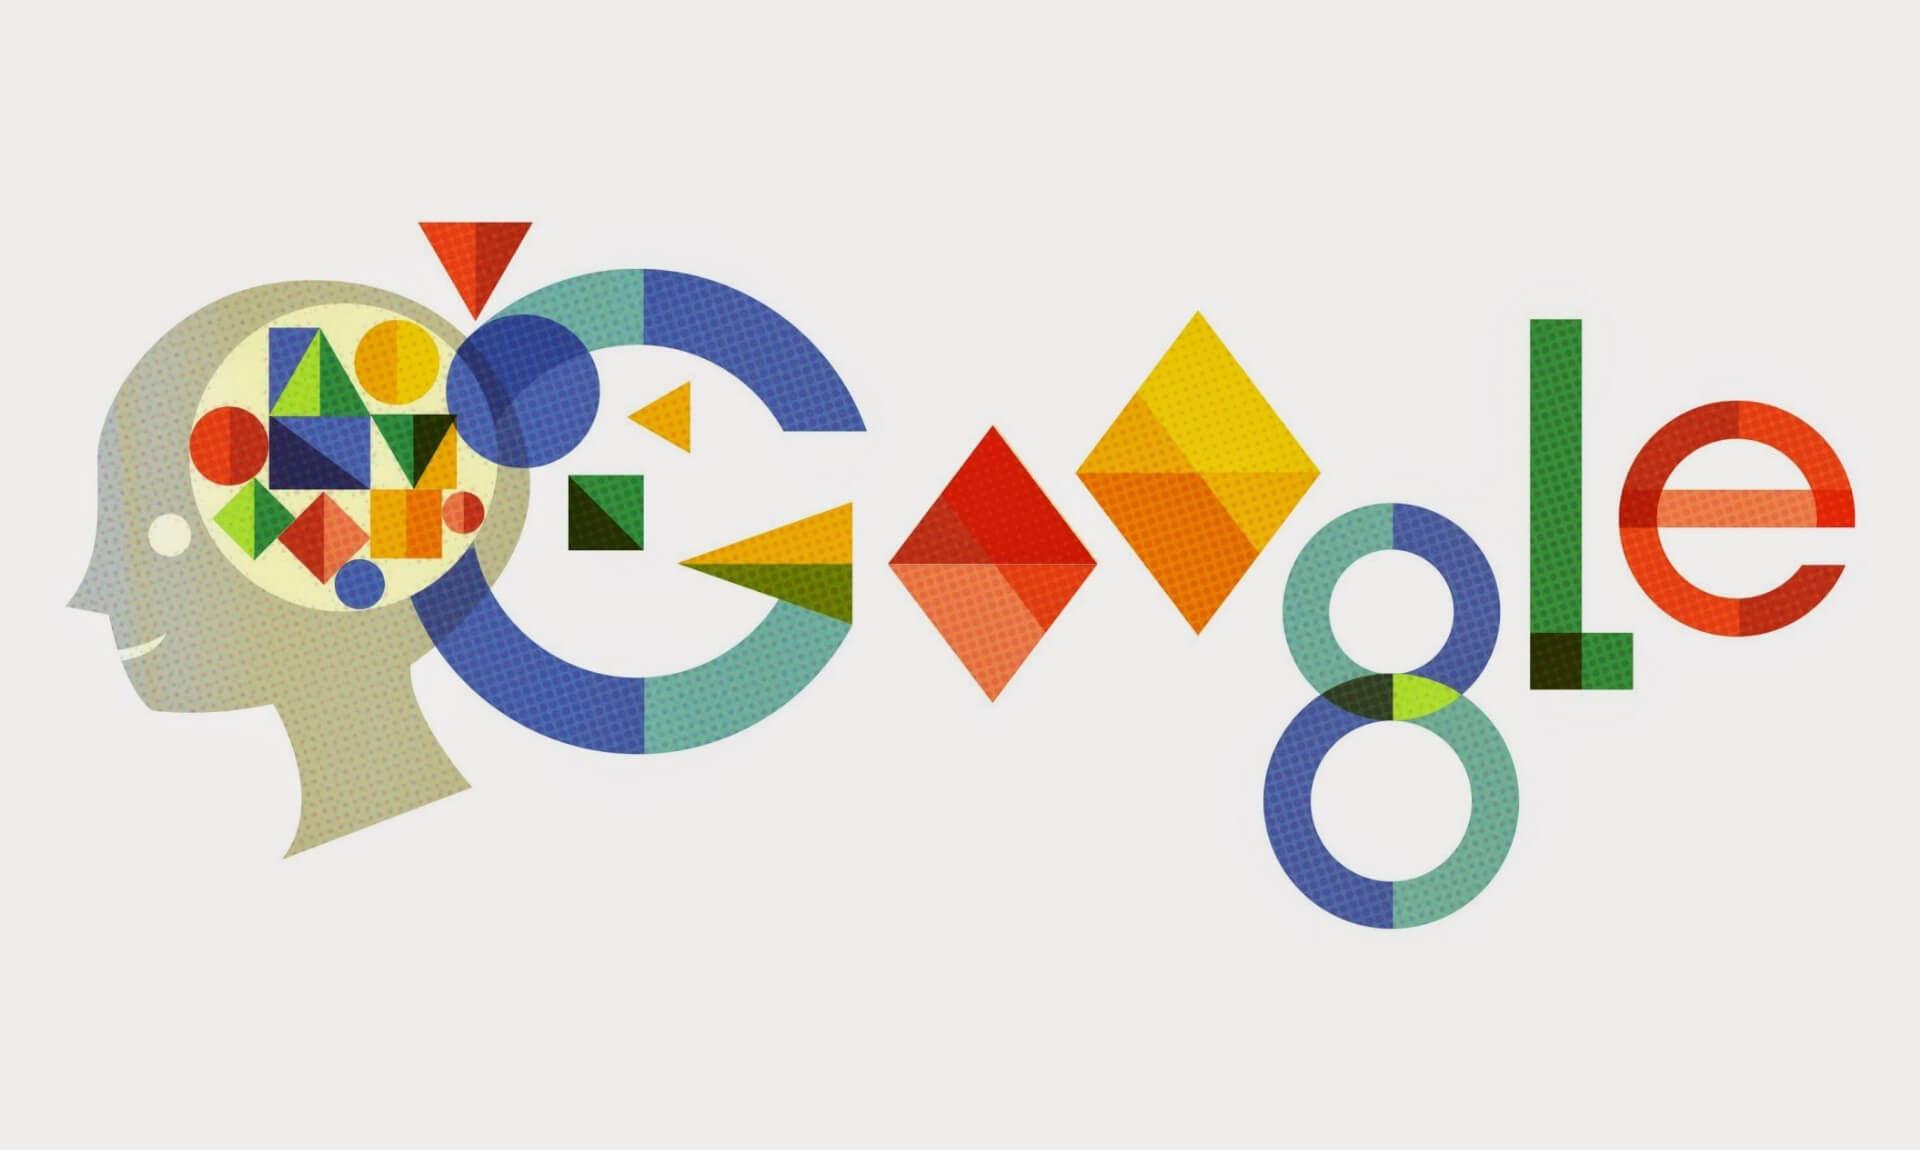 Поиск по картинке, фото или изображению в Google.